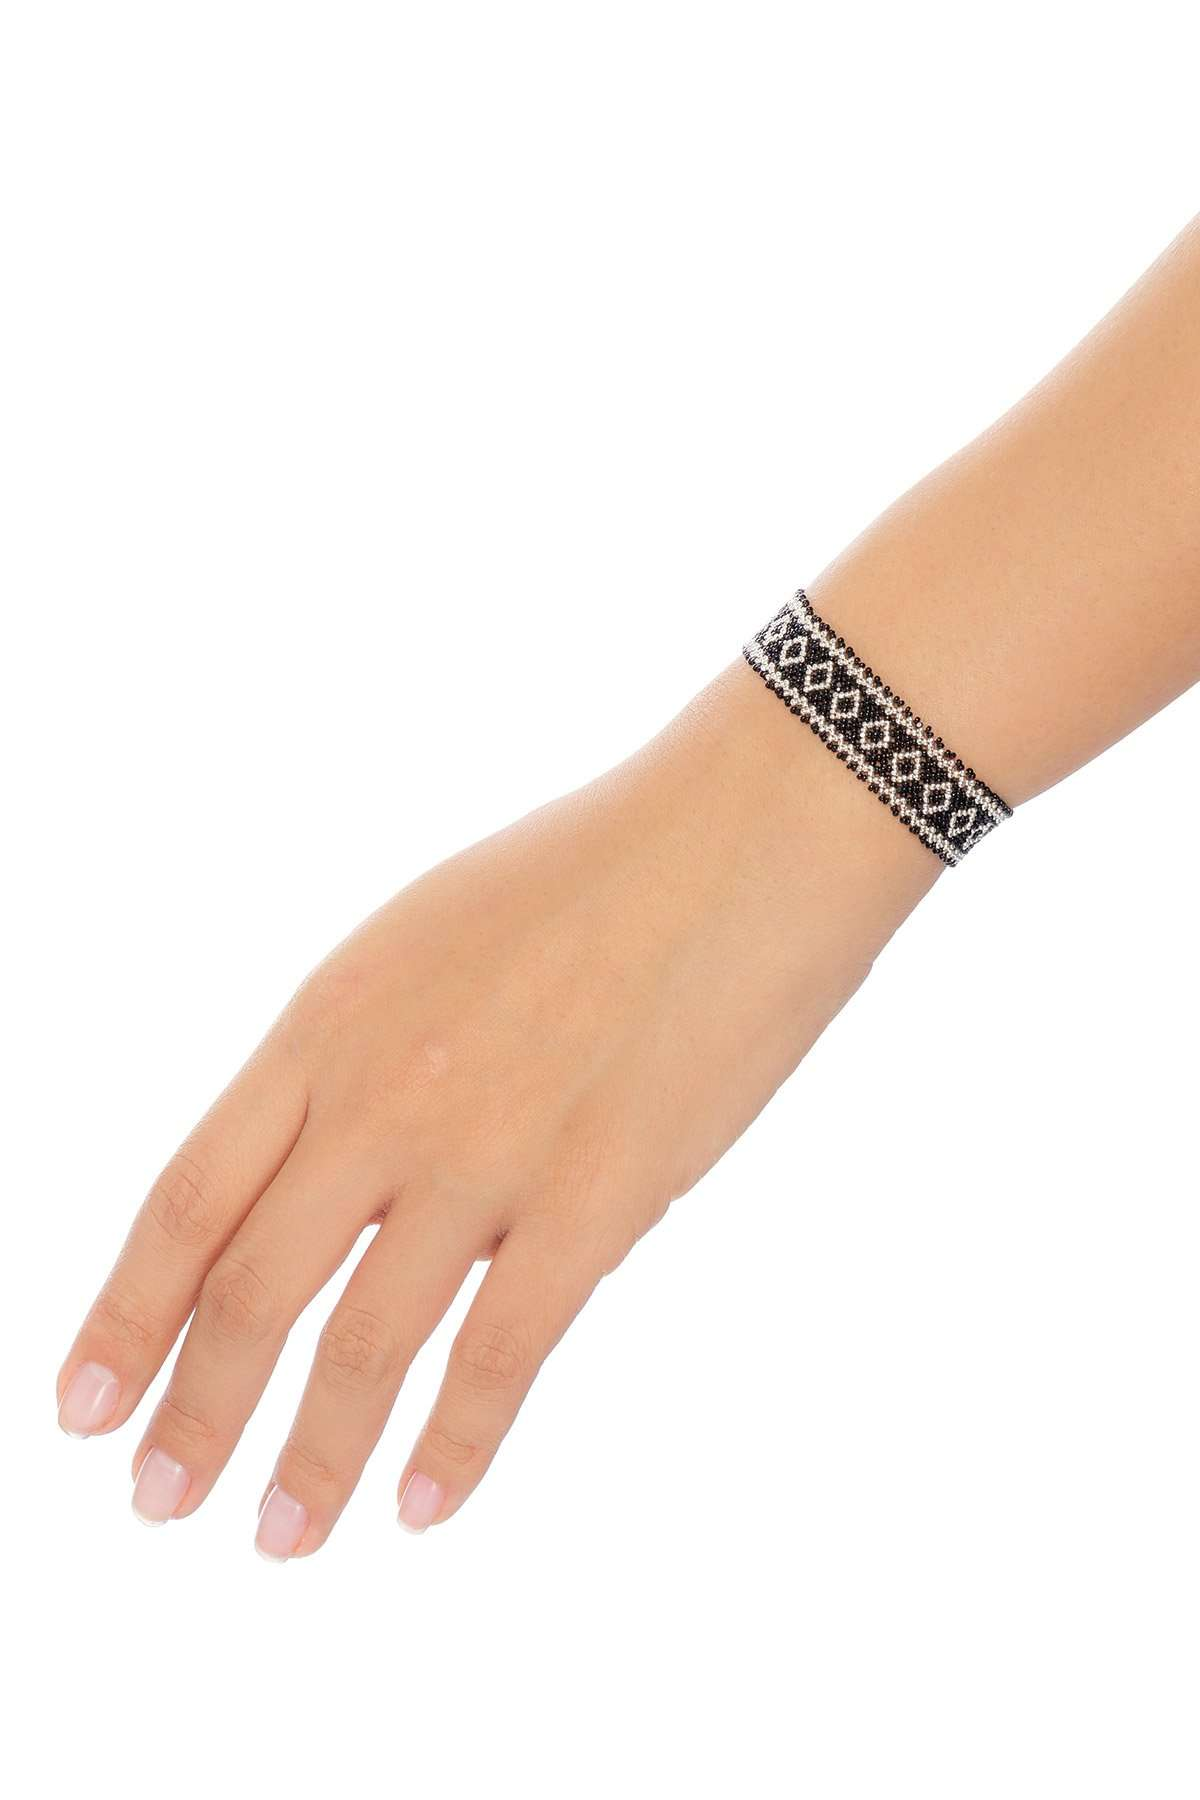 001-mini-brazaletes-plata-negro-alt1